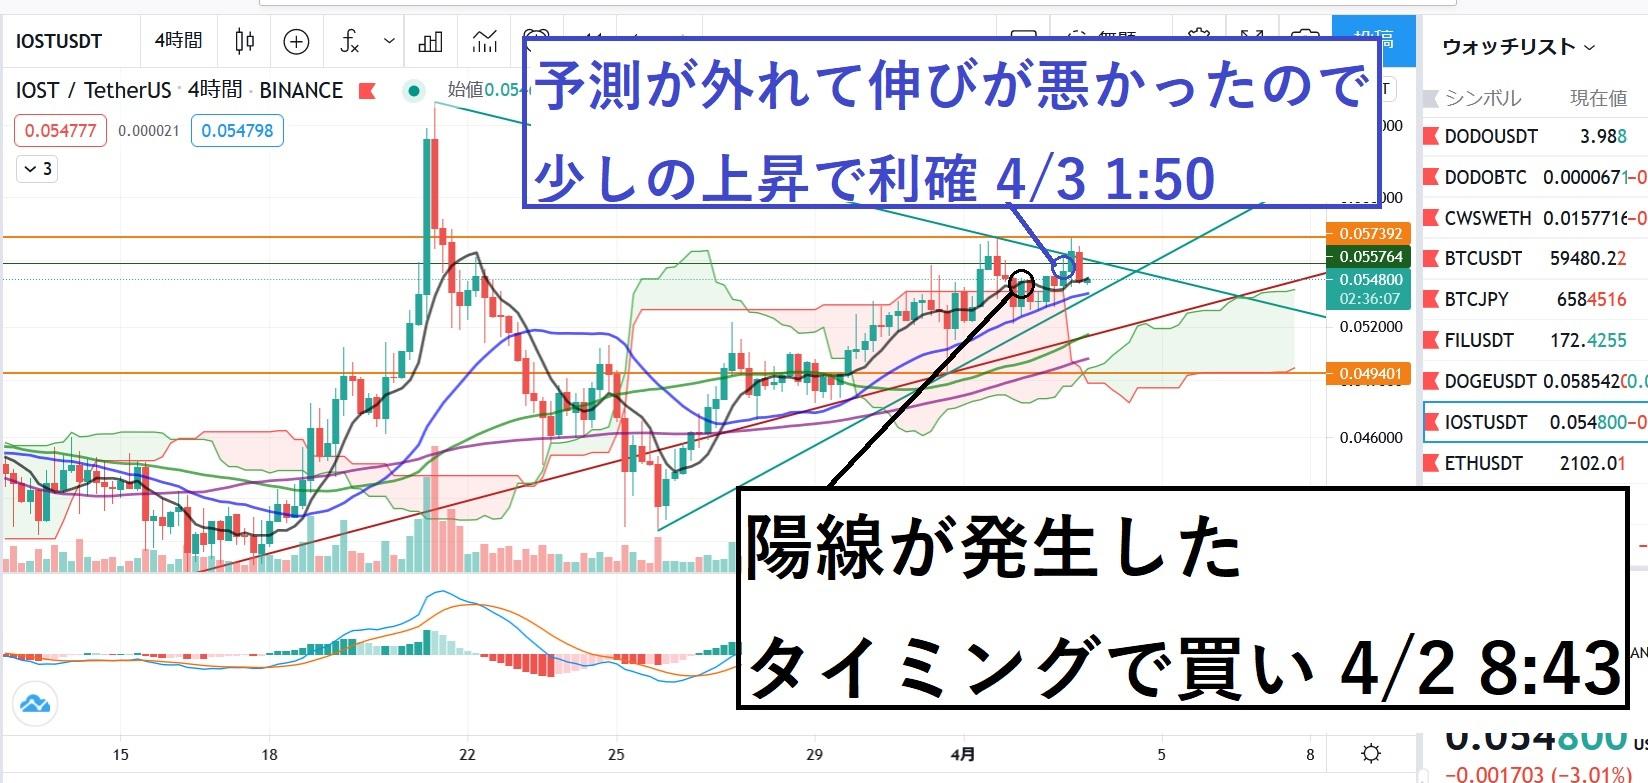 【4/3】下げの3月は終わり、仮想通貨の伸びる季節が到来か!?